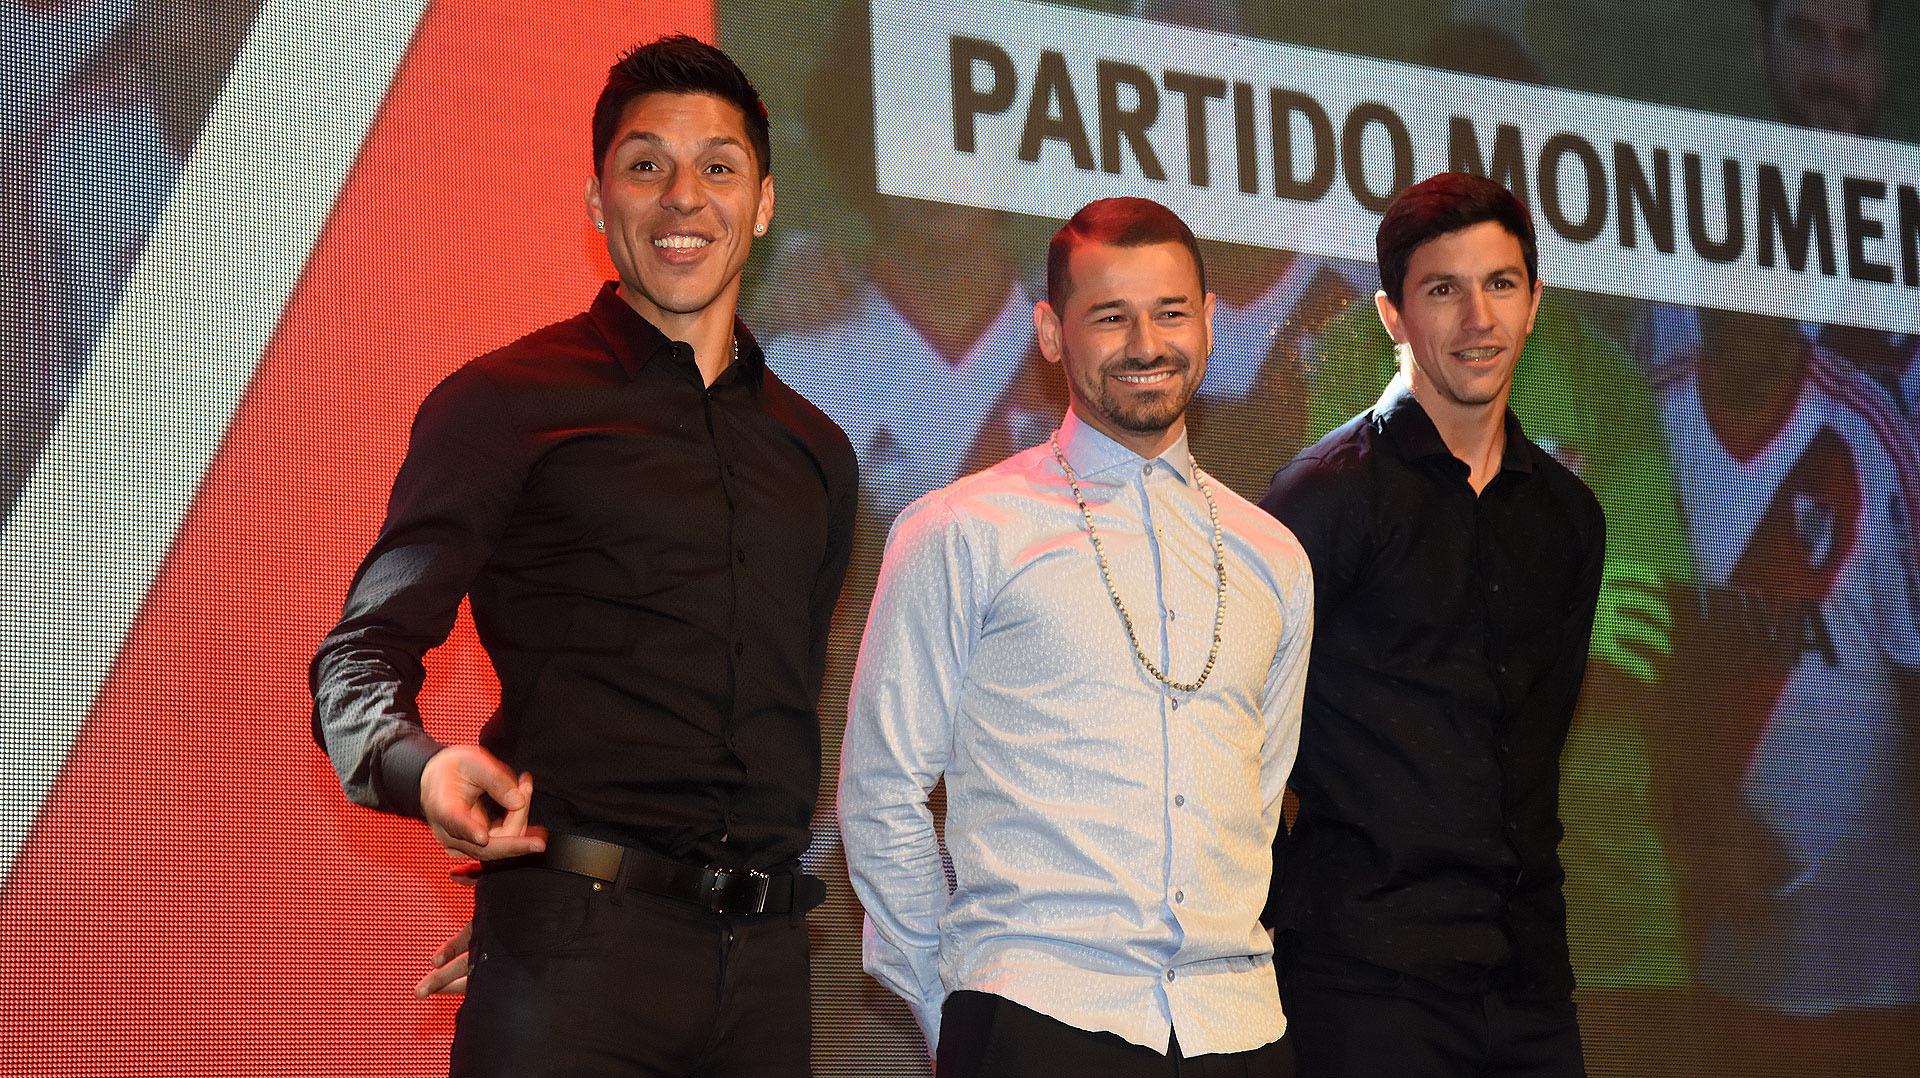 Se subastó un partido para 40 personas en el Monumental con la presencia de Enzo Pérez, Rodrigo Mora e Ignacio Fernández